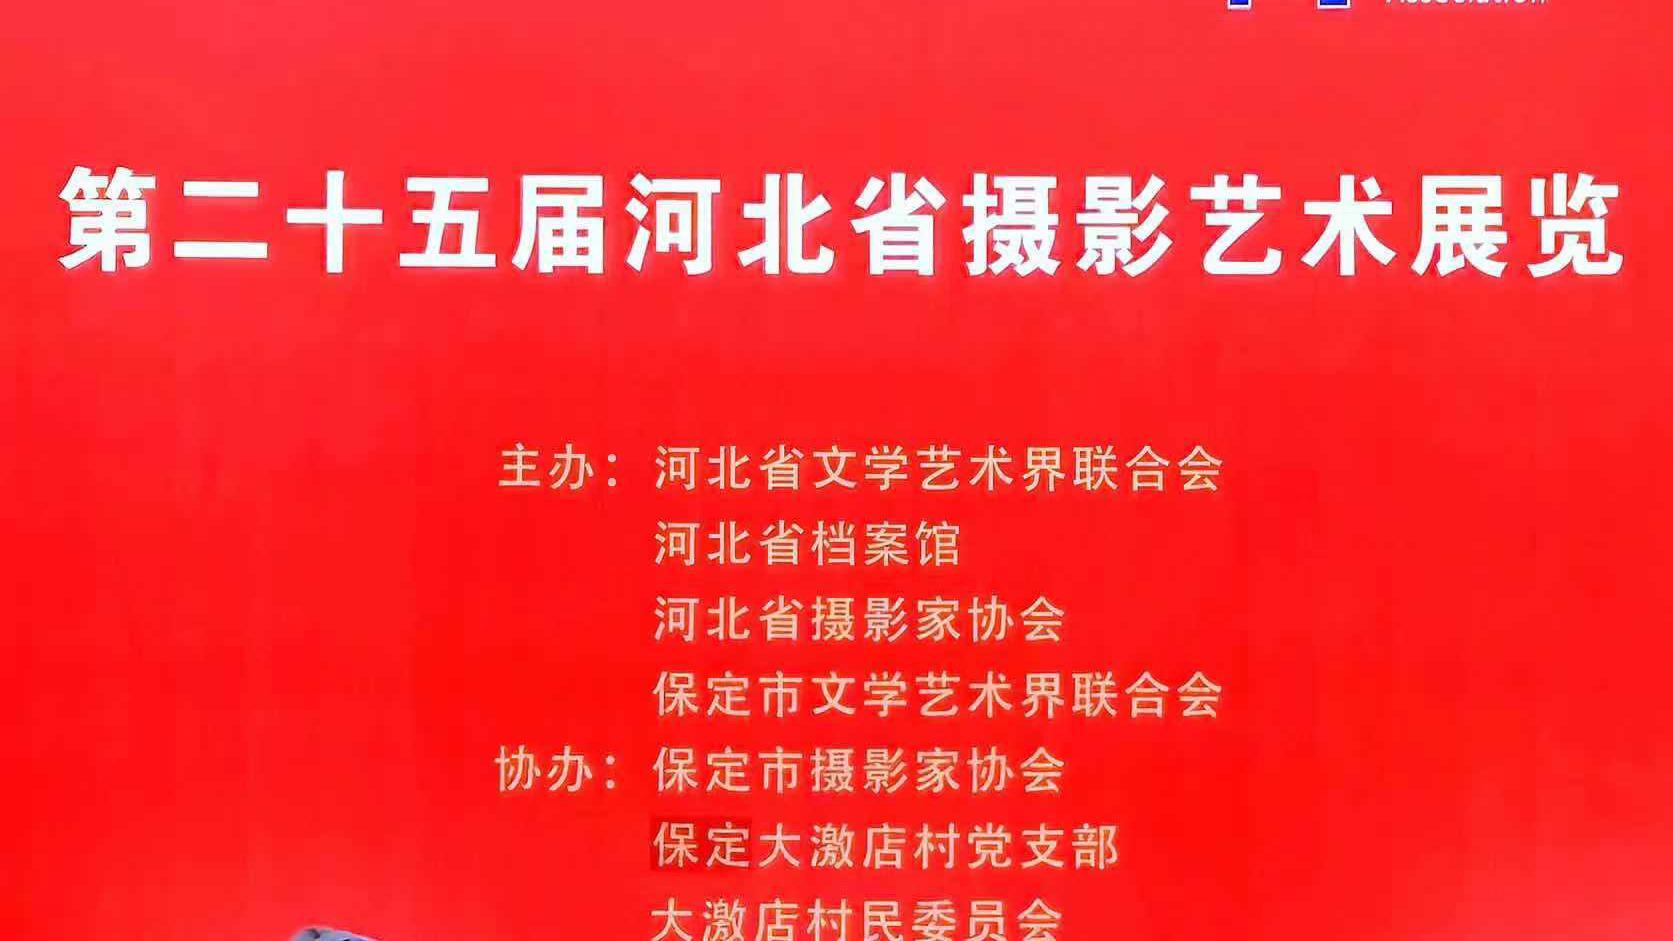 第二十五届河北省摄影艺术展在保定大激店举办